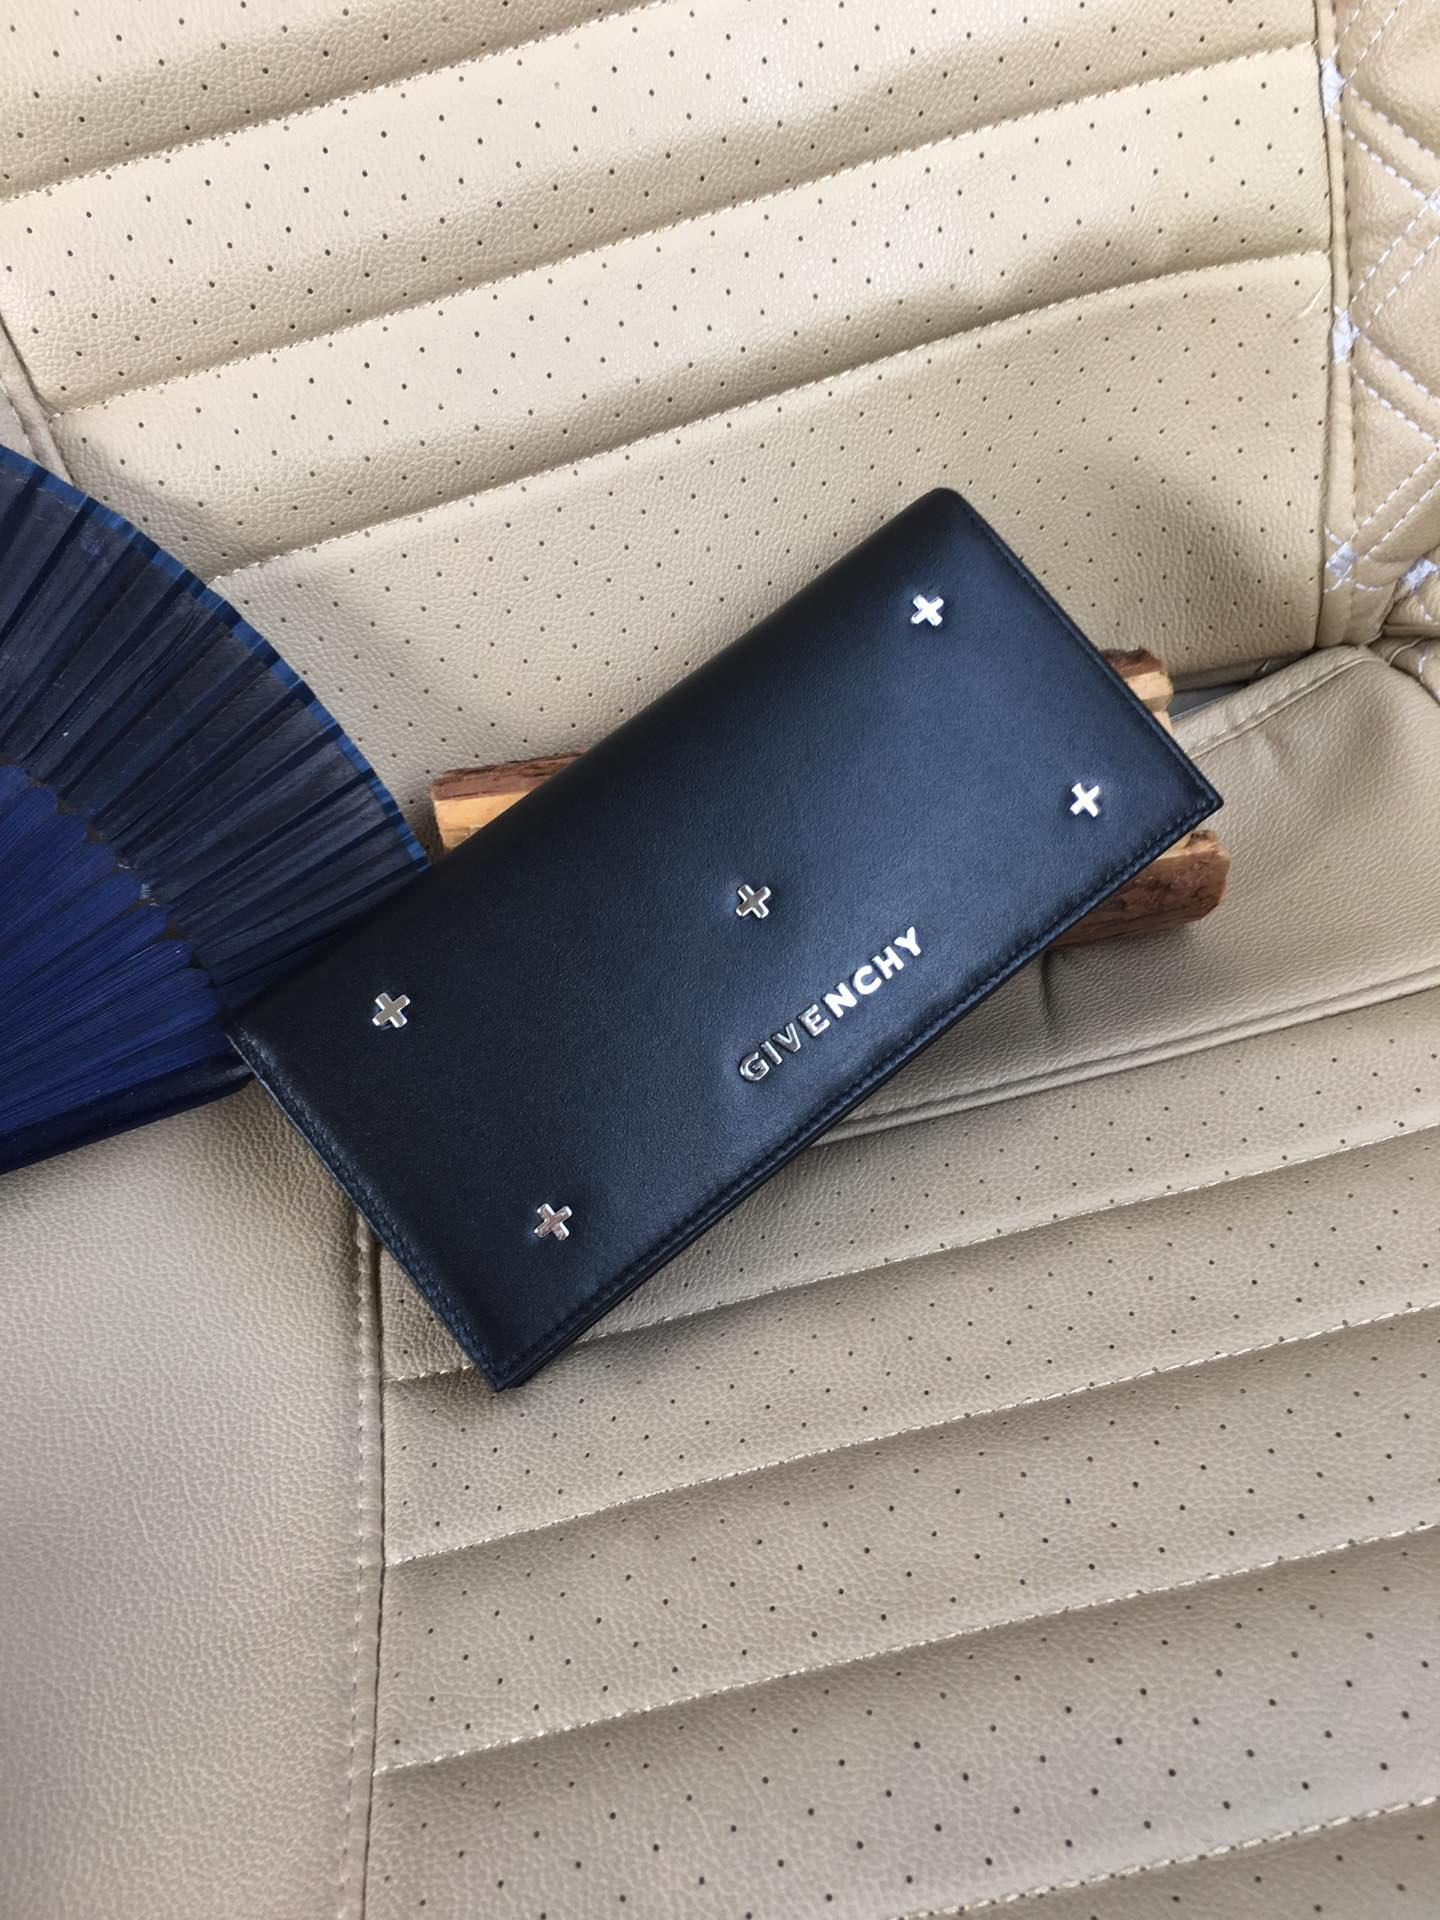 ジバンシーGivenchy メンズ 財布 スーパーコピー 安全必ず届く 通販代引き 832-3